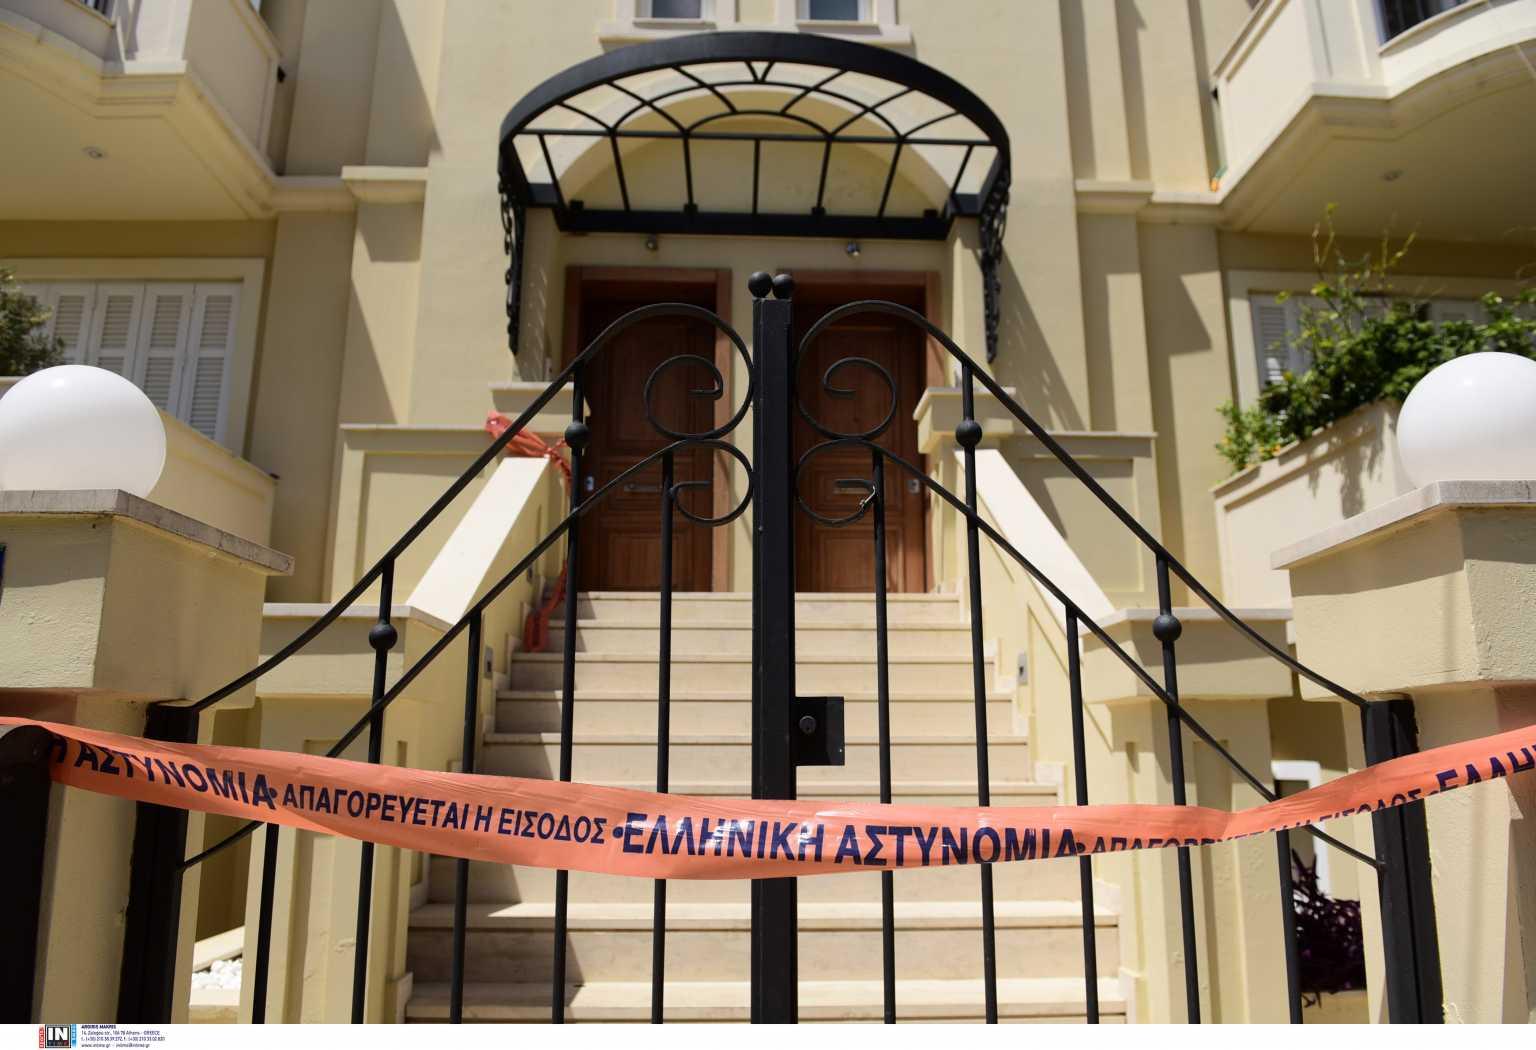 Παρέμβαση εισαγγελέα για το έγκλημα στα Γλυκά Νερά: «Η ελληνική κοινωνία συγκλονίστηκε…»